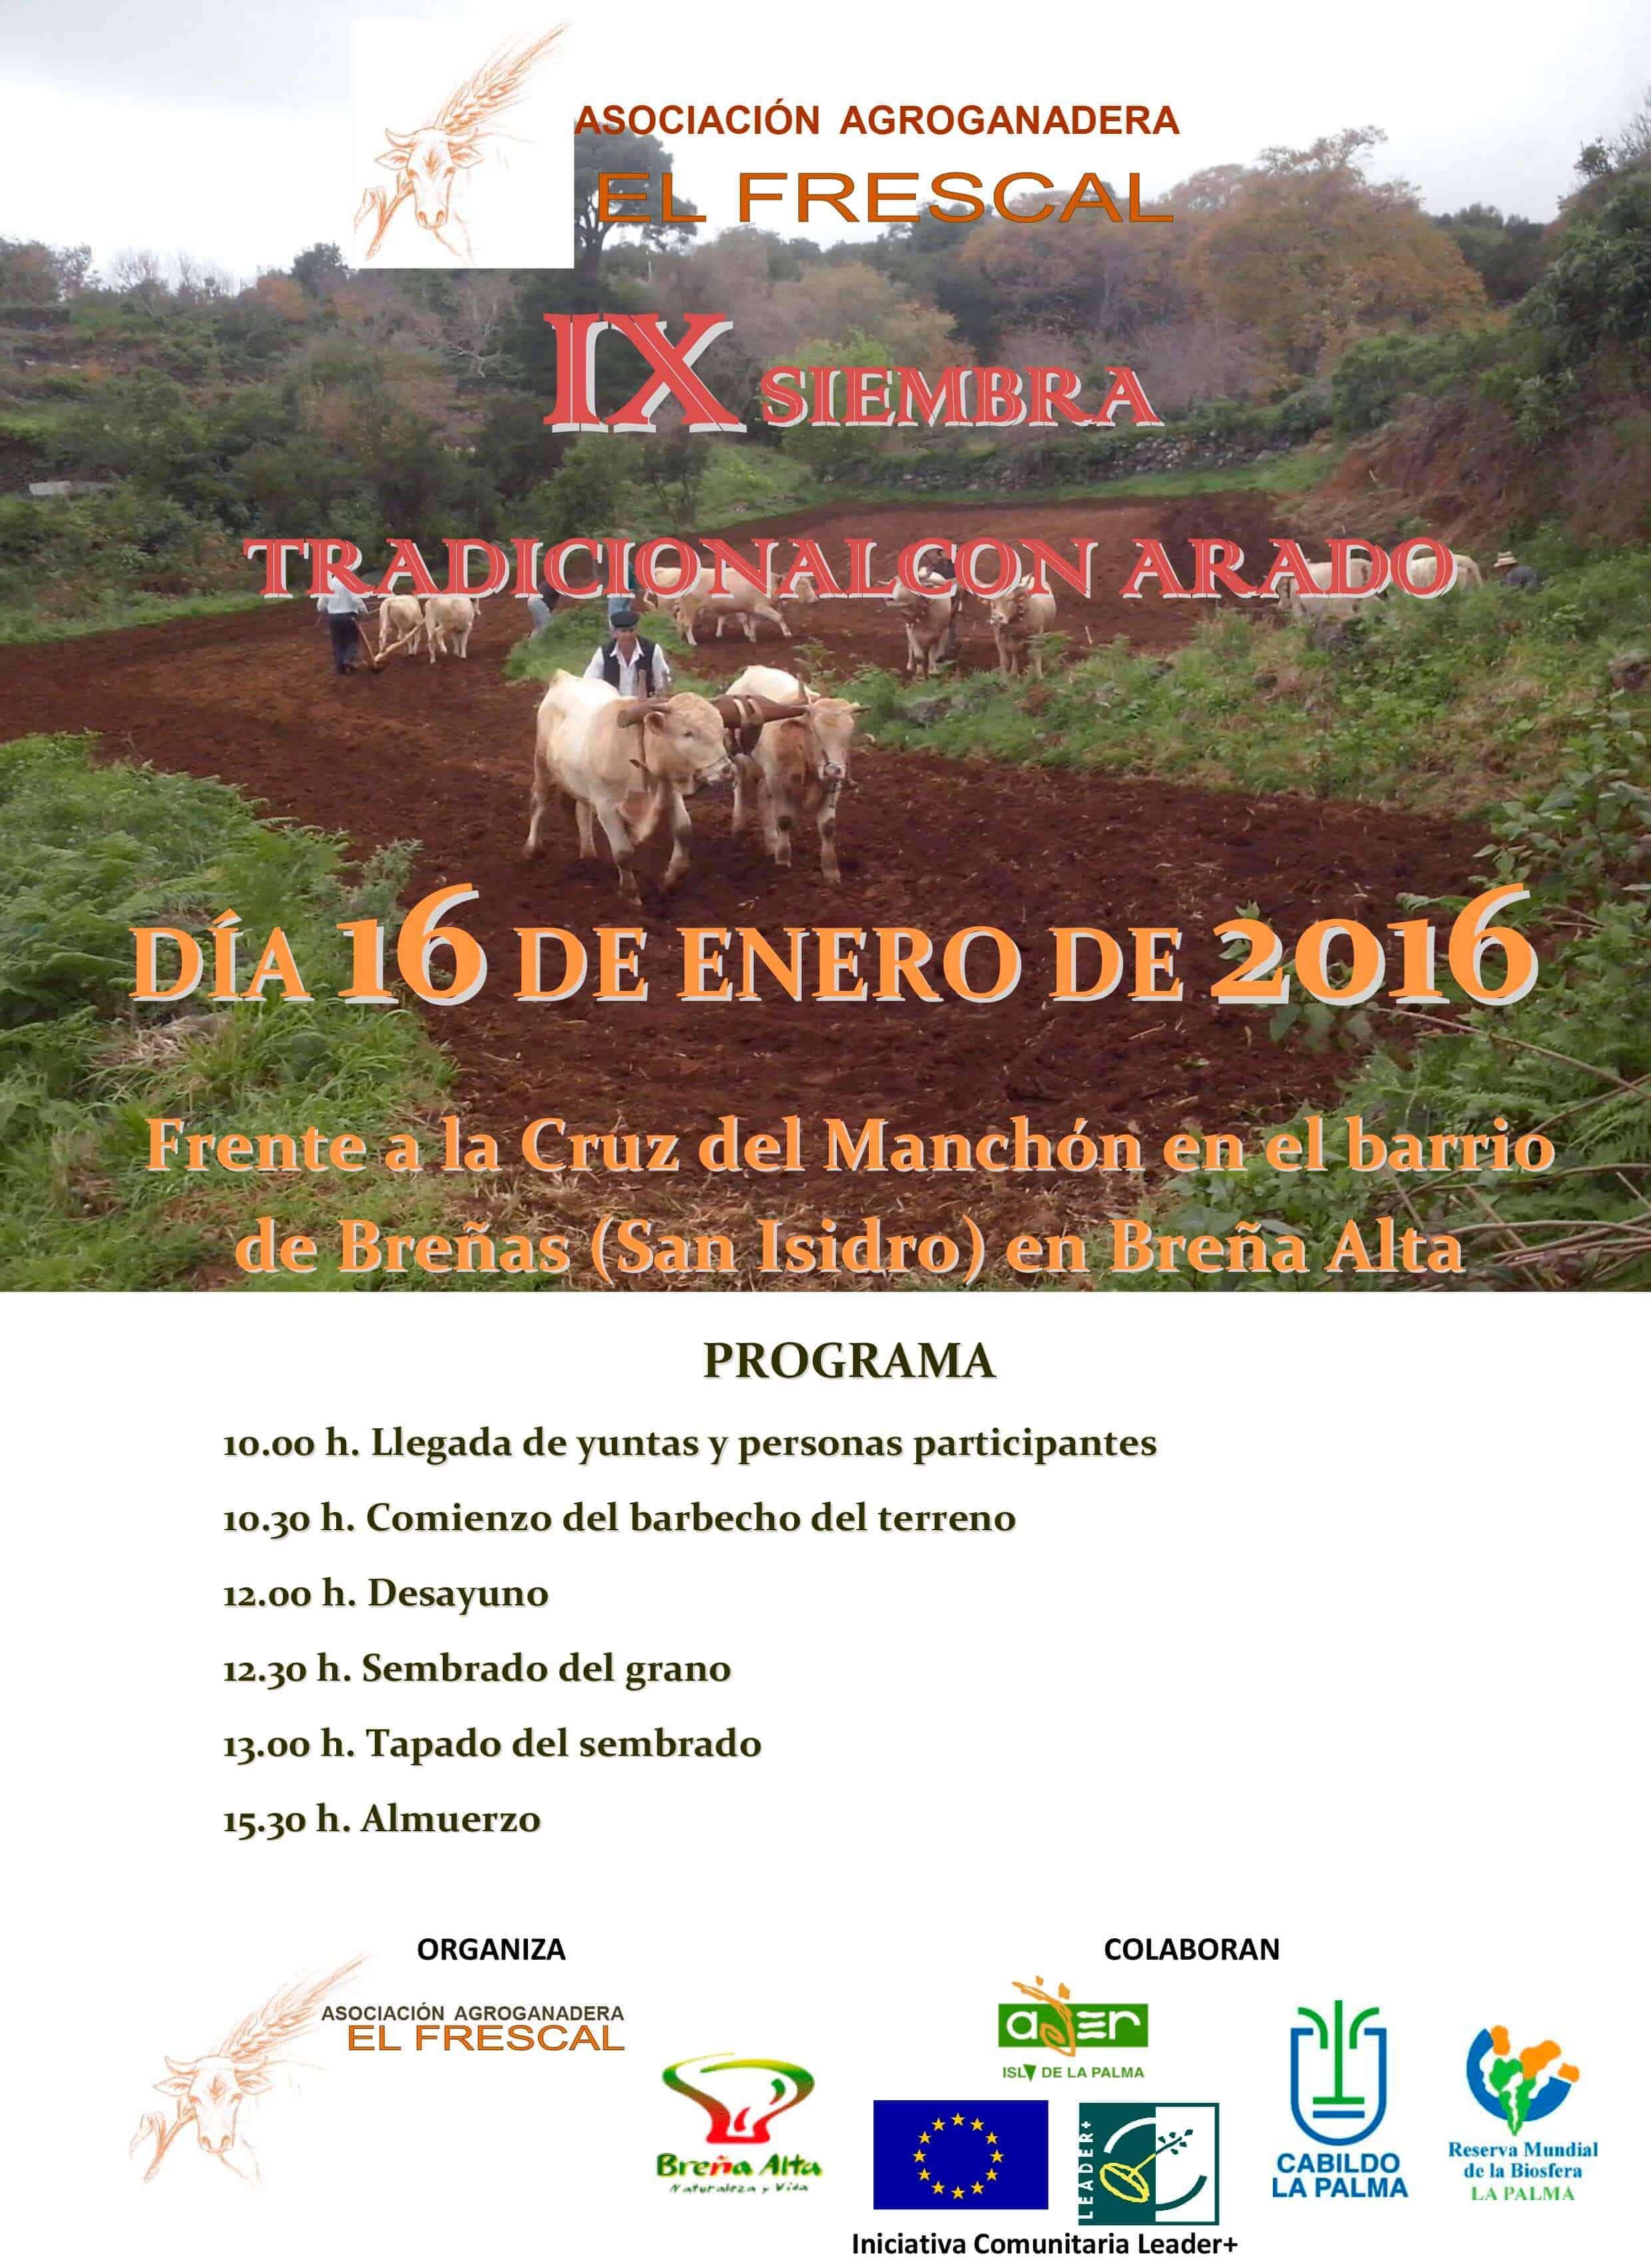 IX Edición de la Tradicional Siembra con Arado en Breña Alta